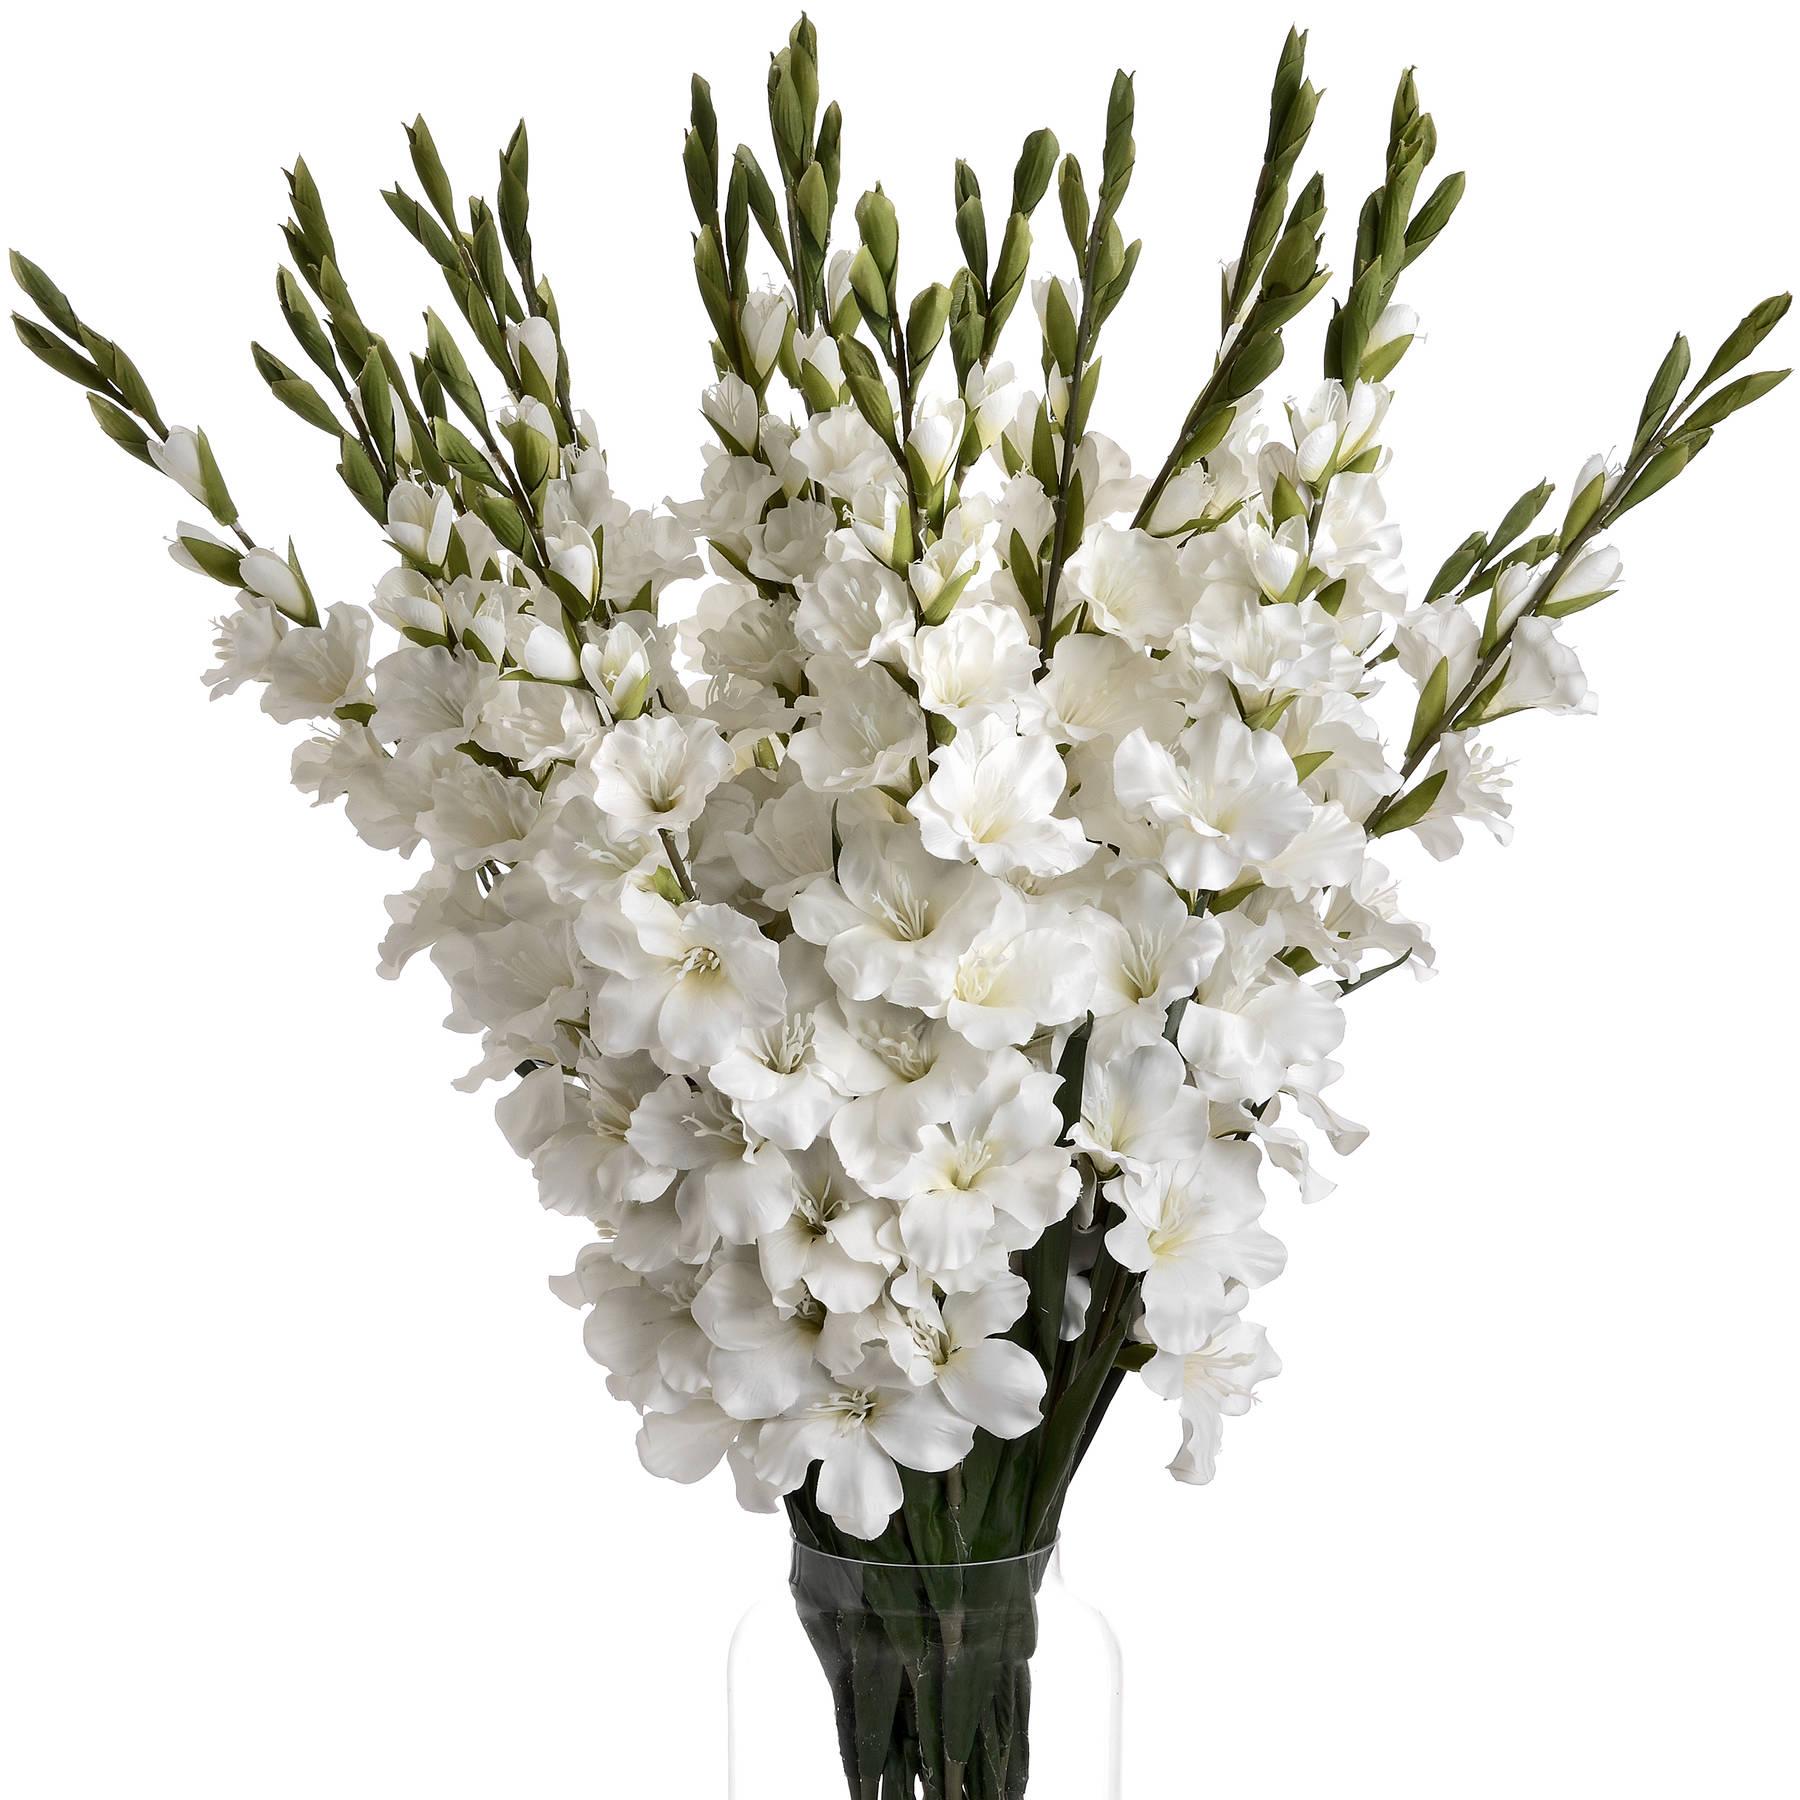 White Gladioli - Image 4